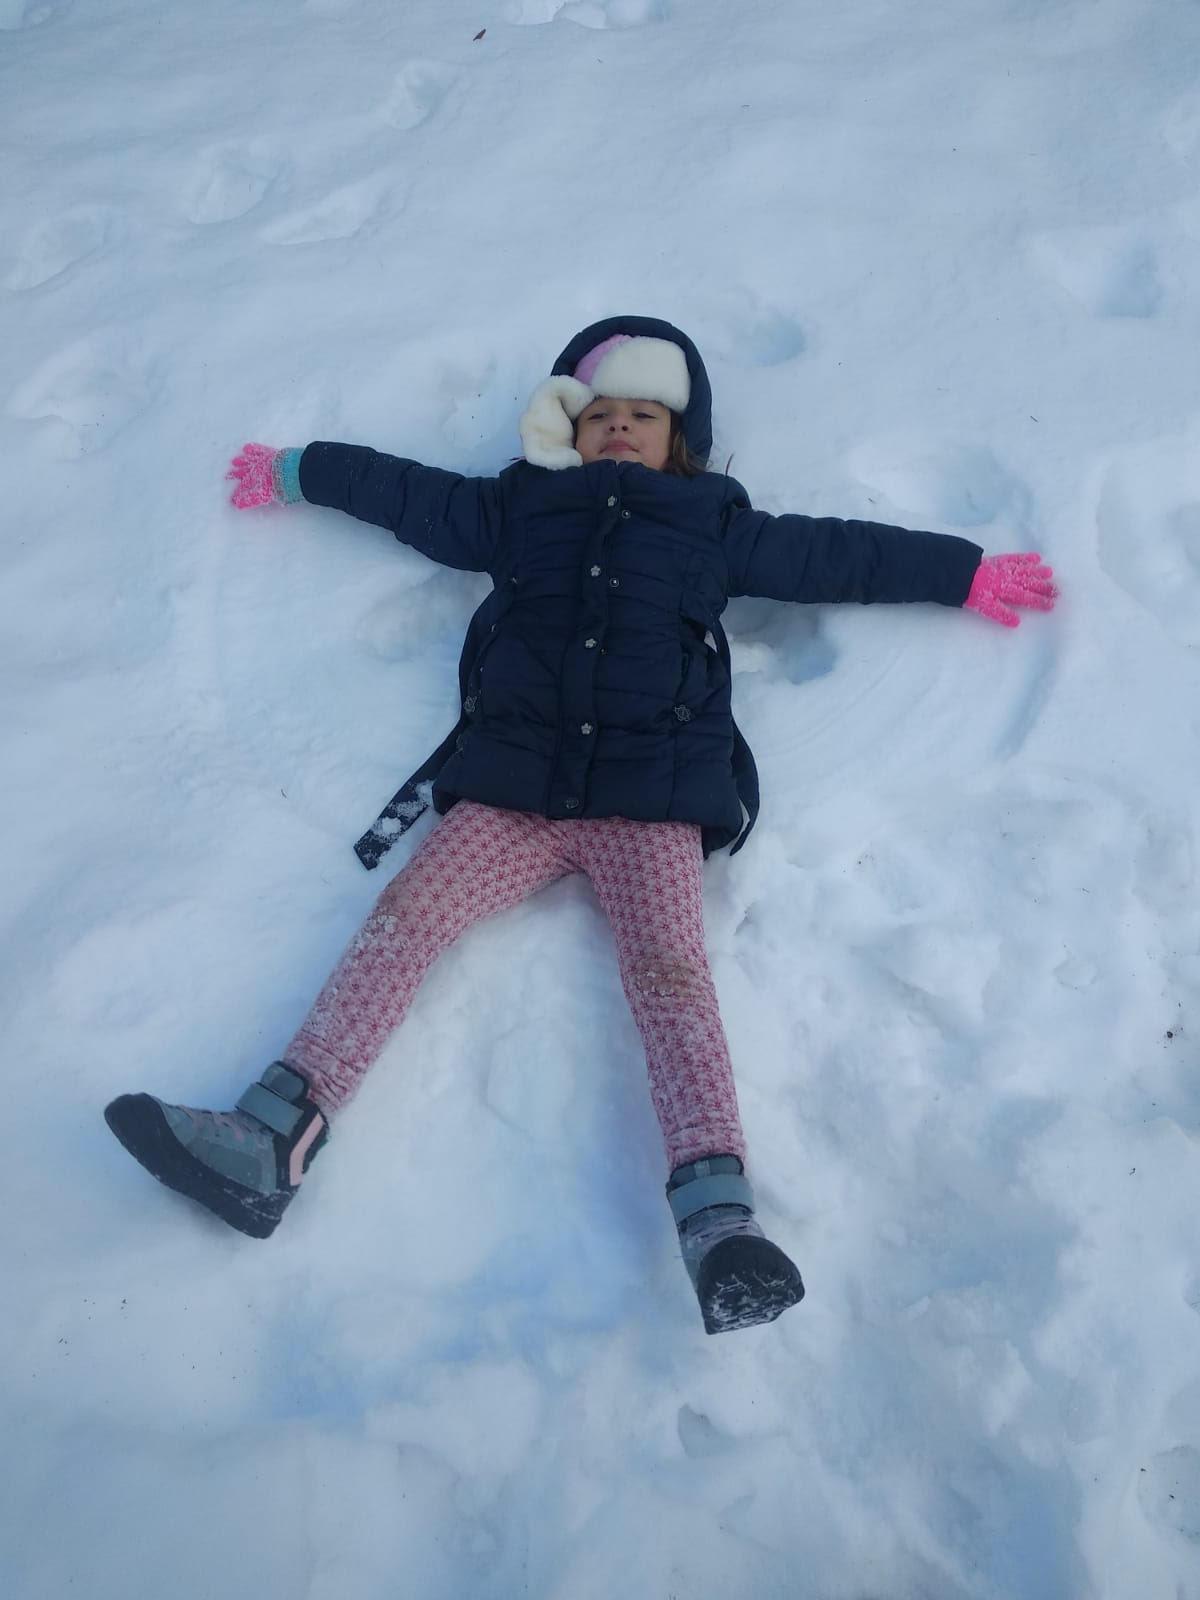 snow-angle.jpg